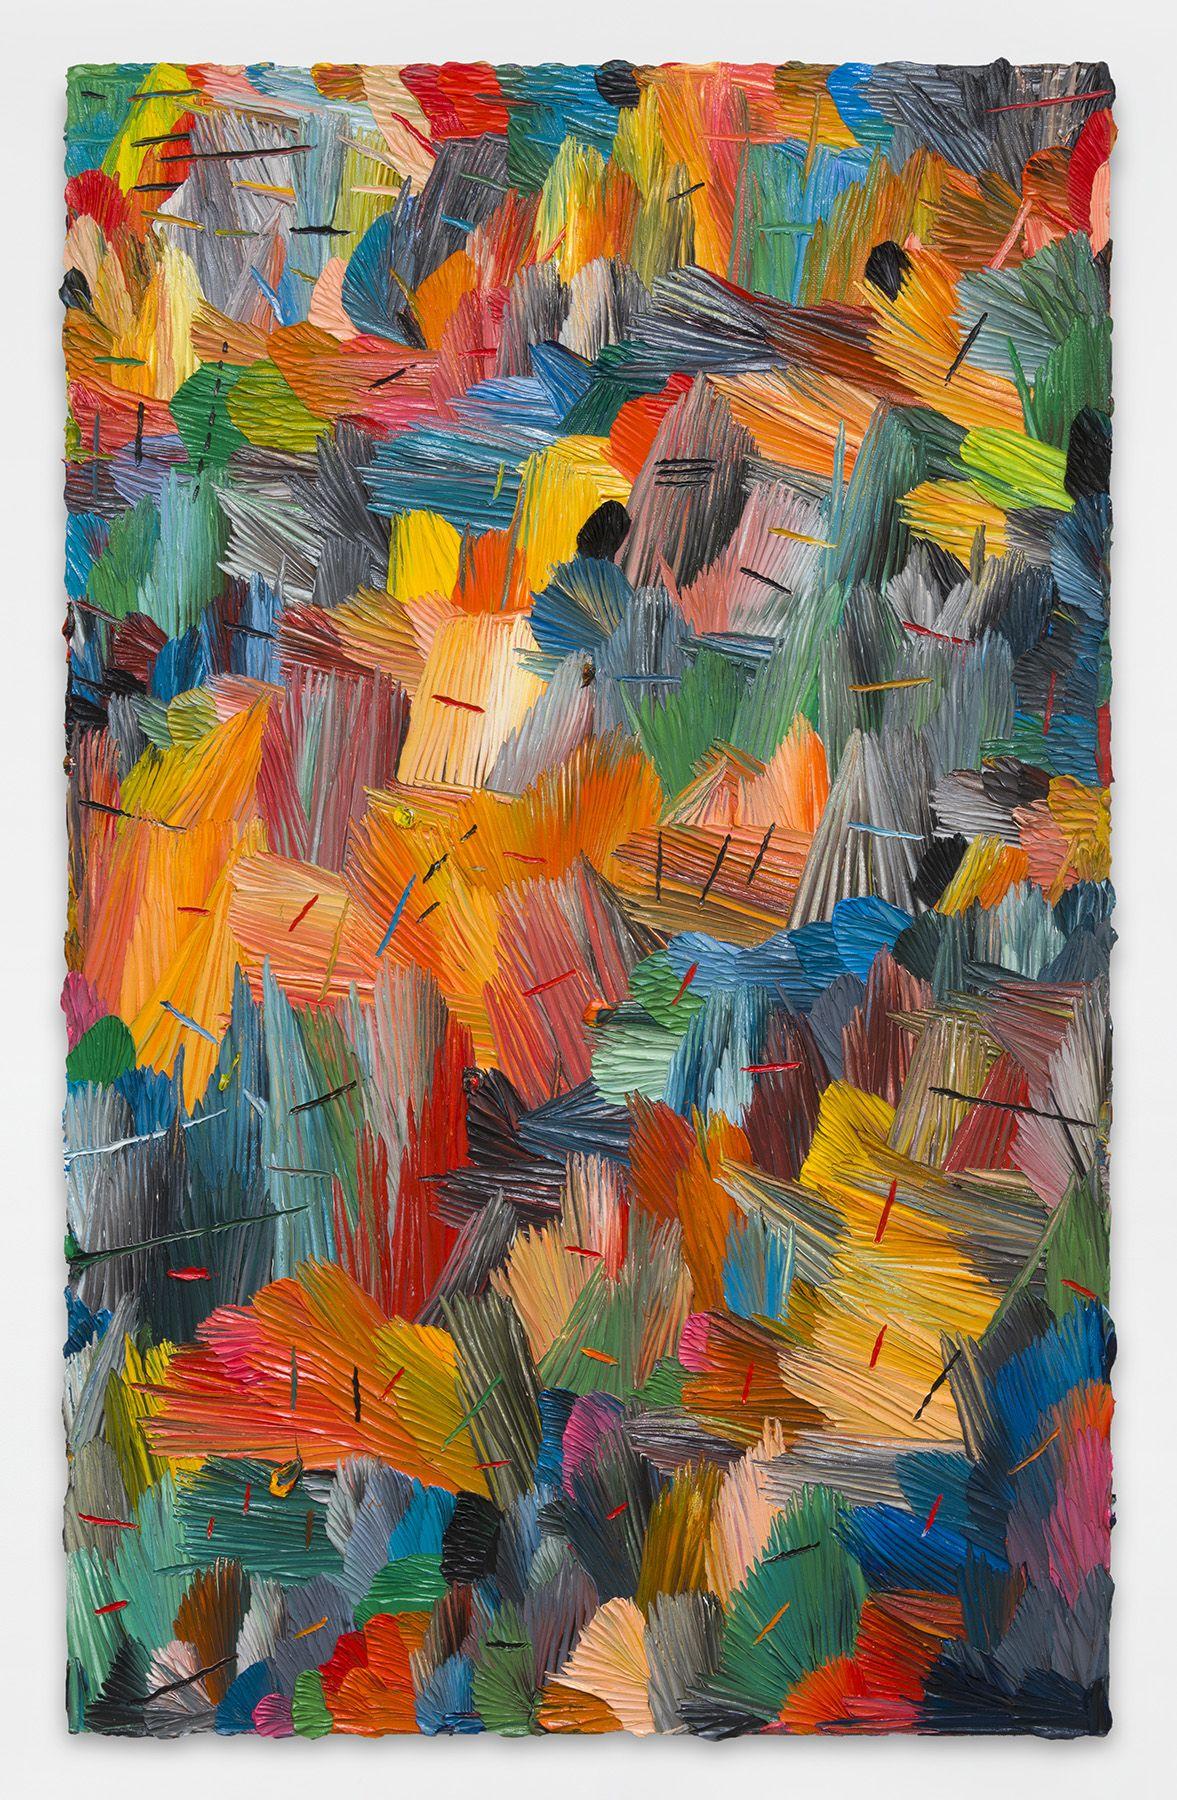 e.f.w. (g.e.) 3/17, 2017, Oil on canvas